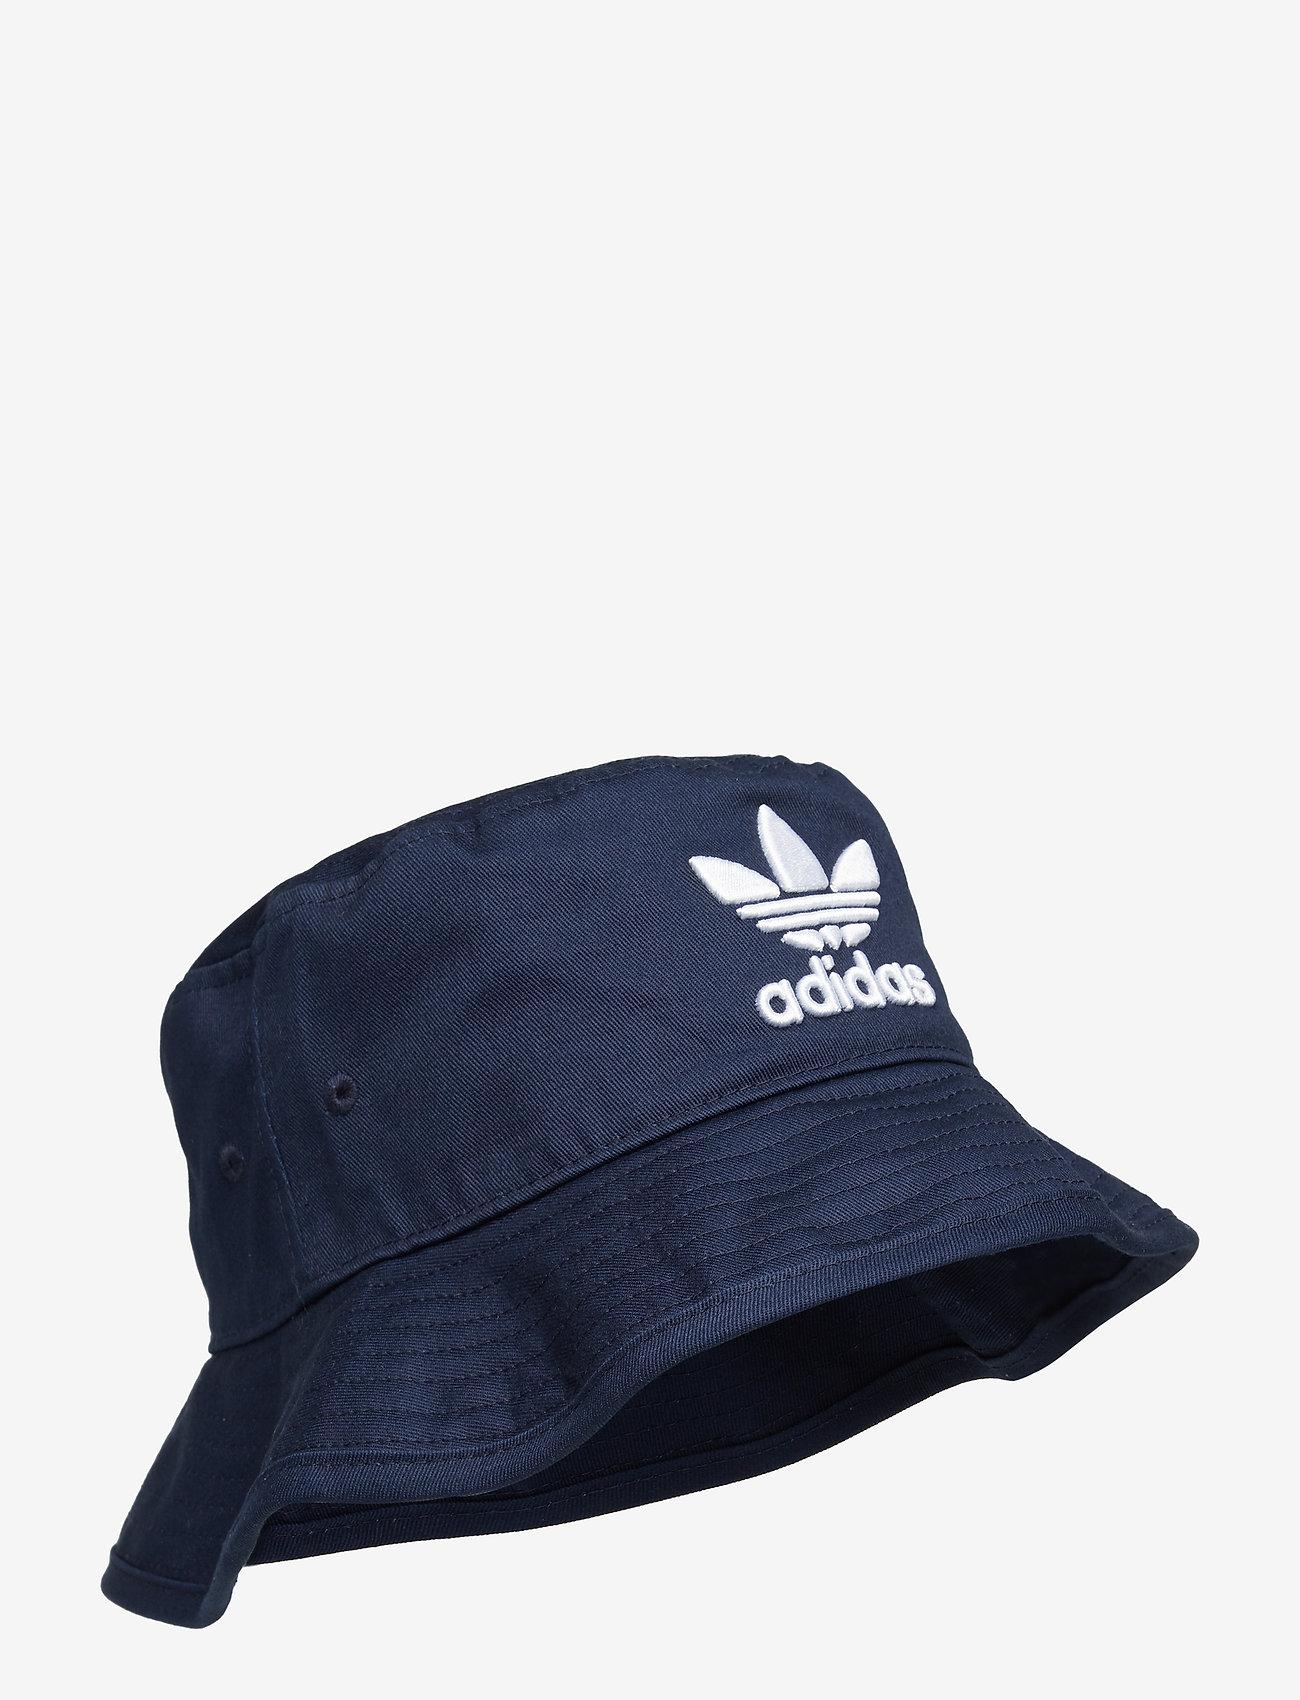 adidas Originals - BUCKET HAT AC - bucket hats - conavy - 0